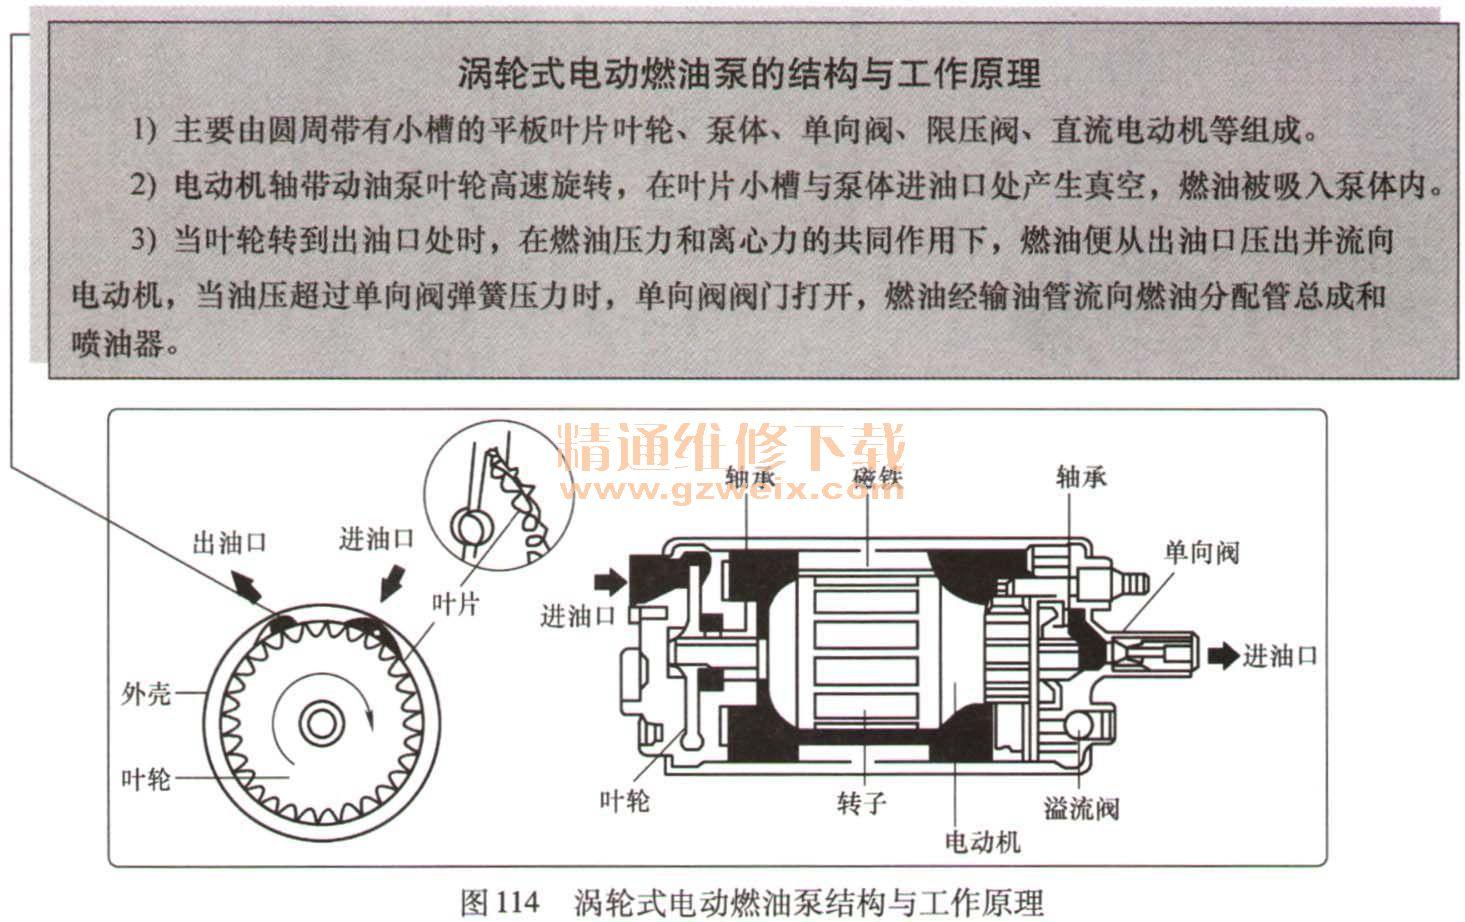 详解汽车 燃油 喷射电控系统元件结构原理及检测高清图片